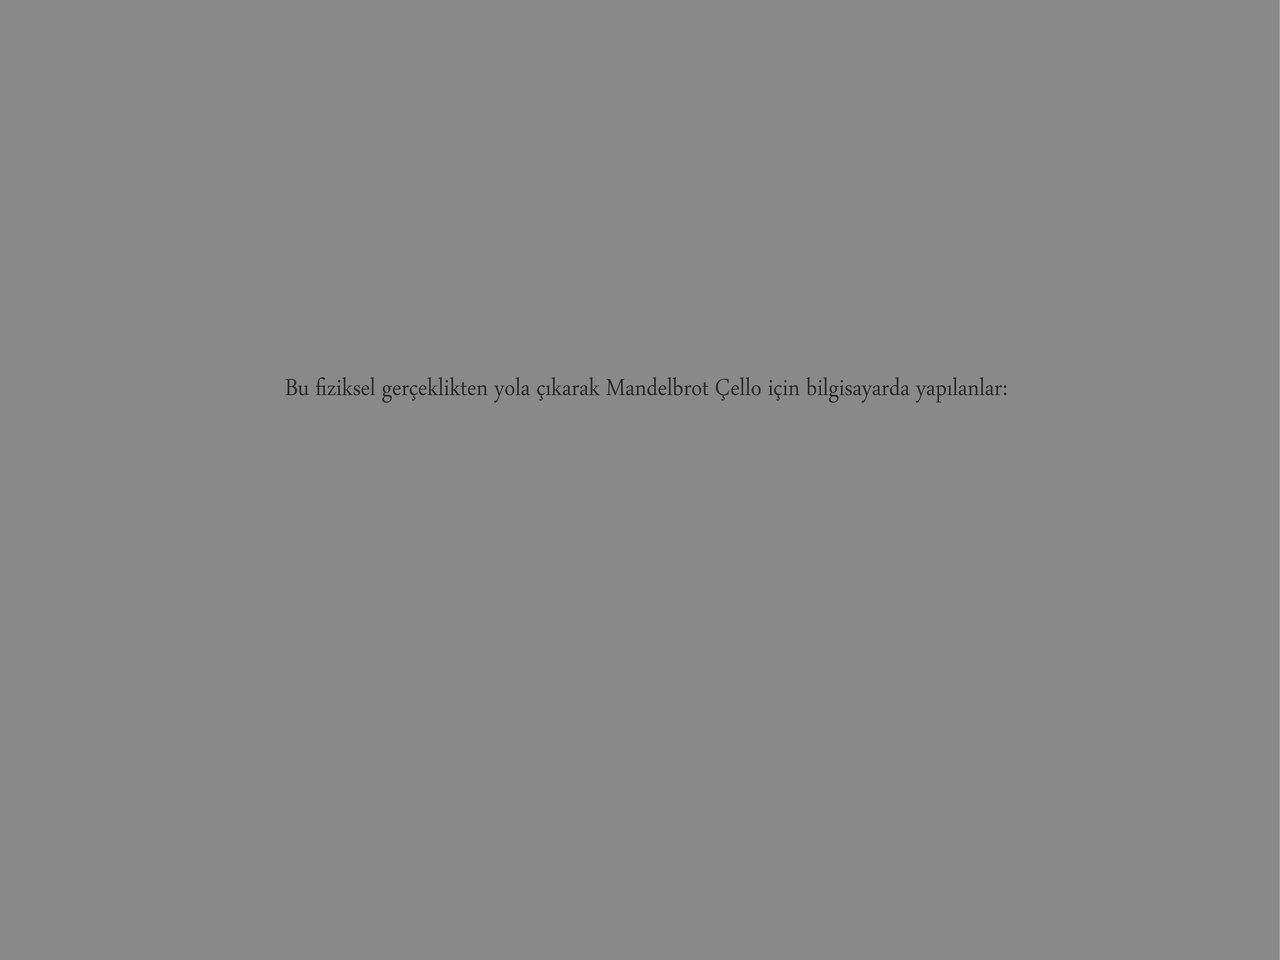 Mandelbrot Cello tr 7.jpg